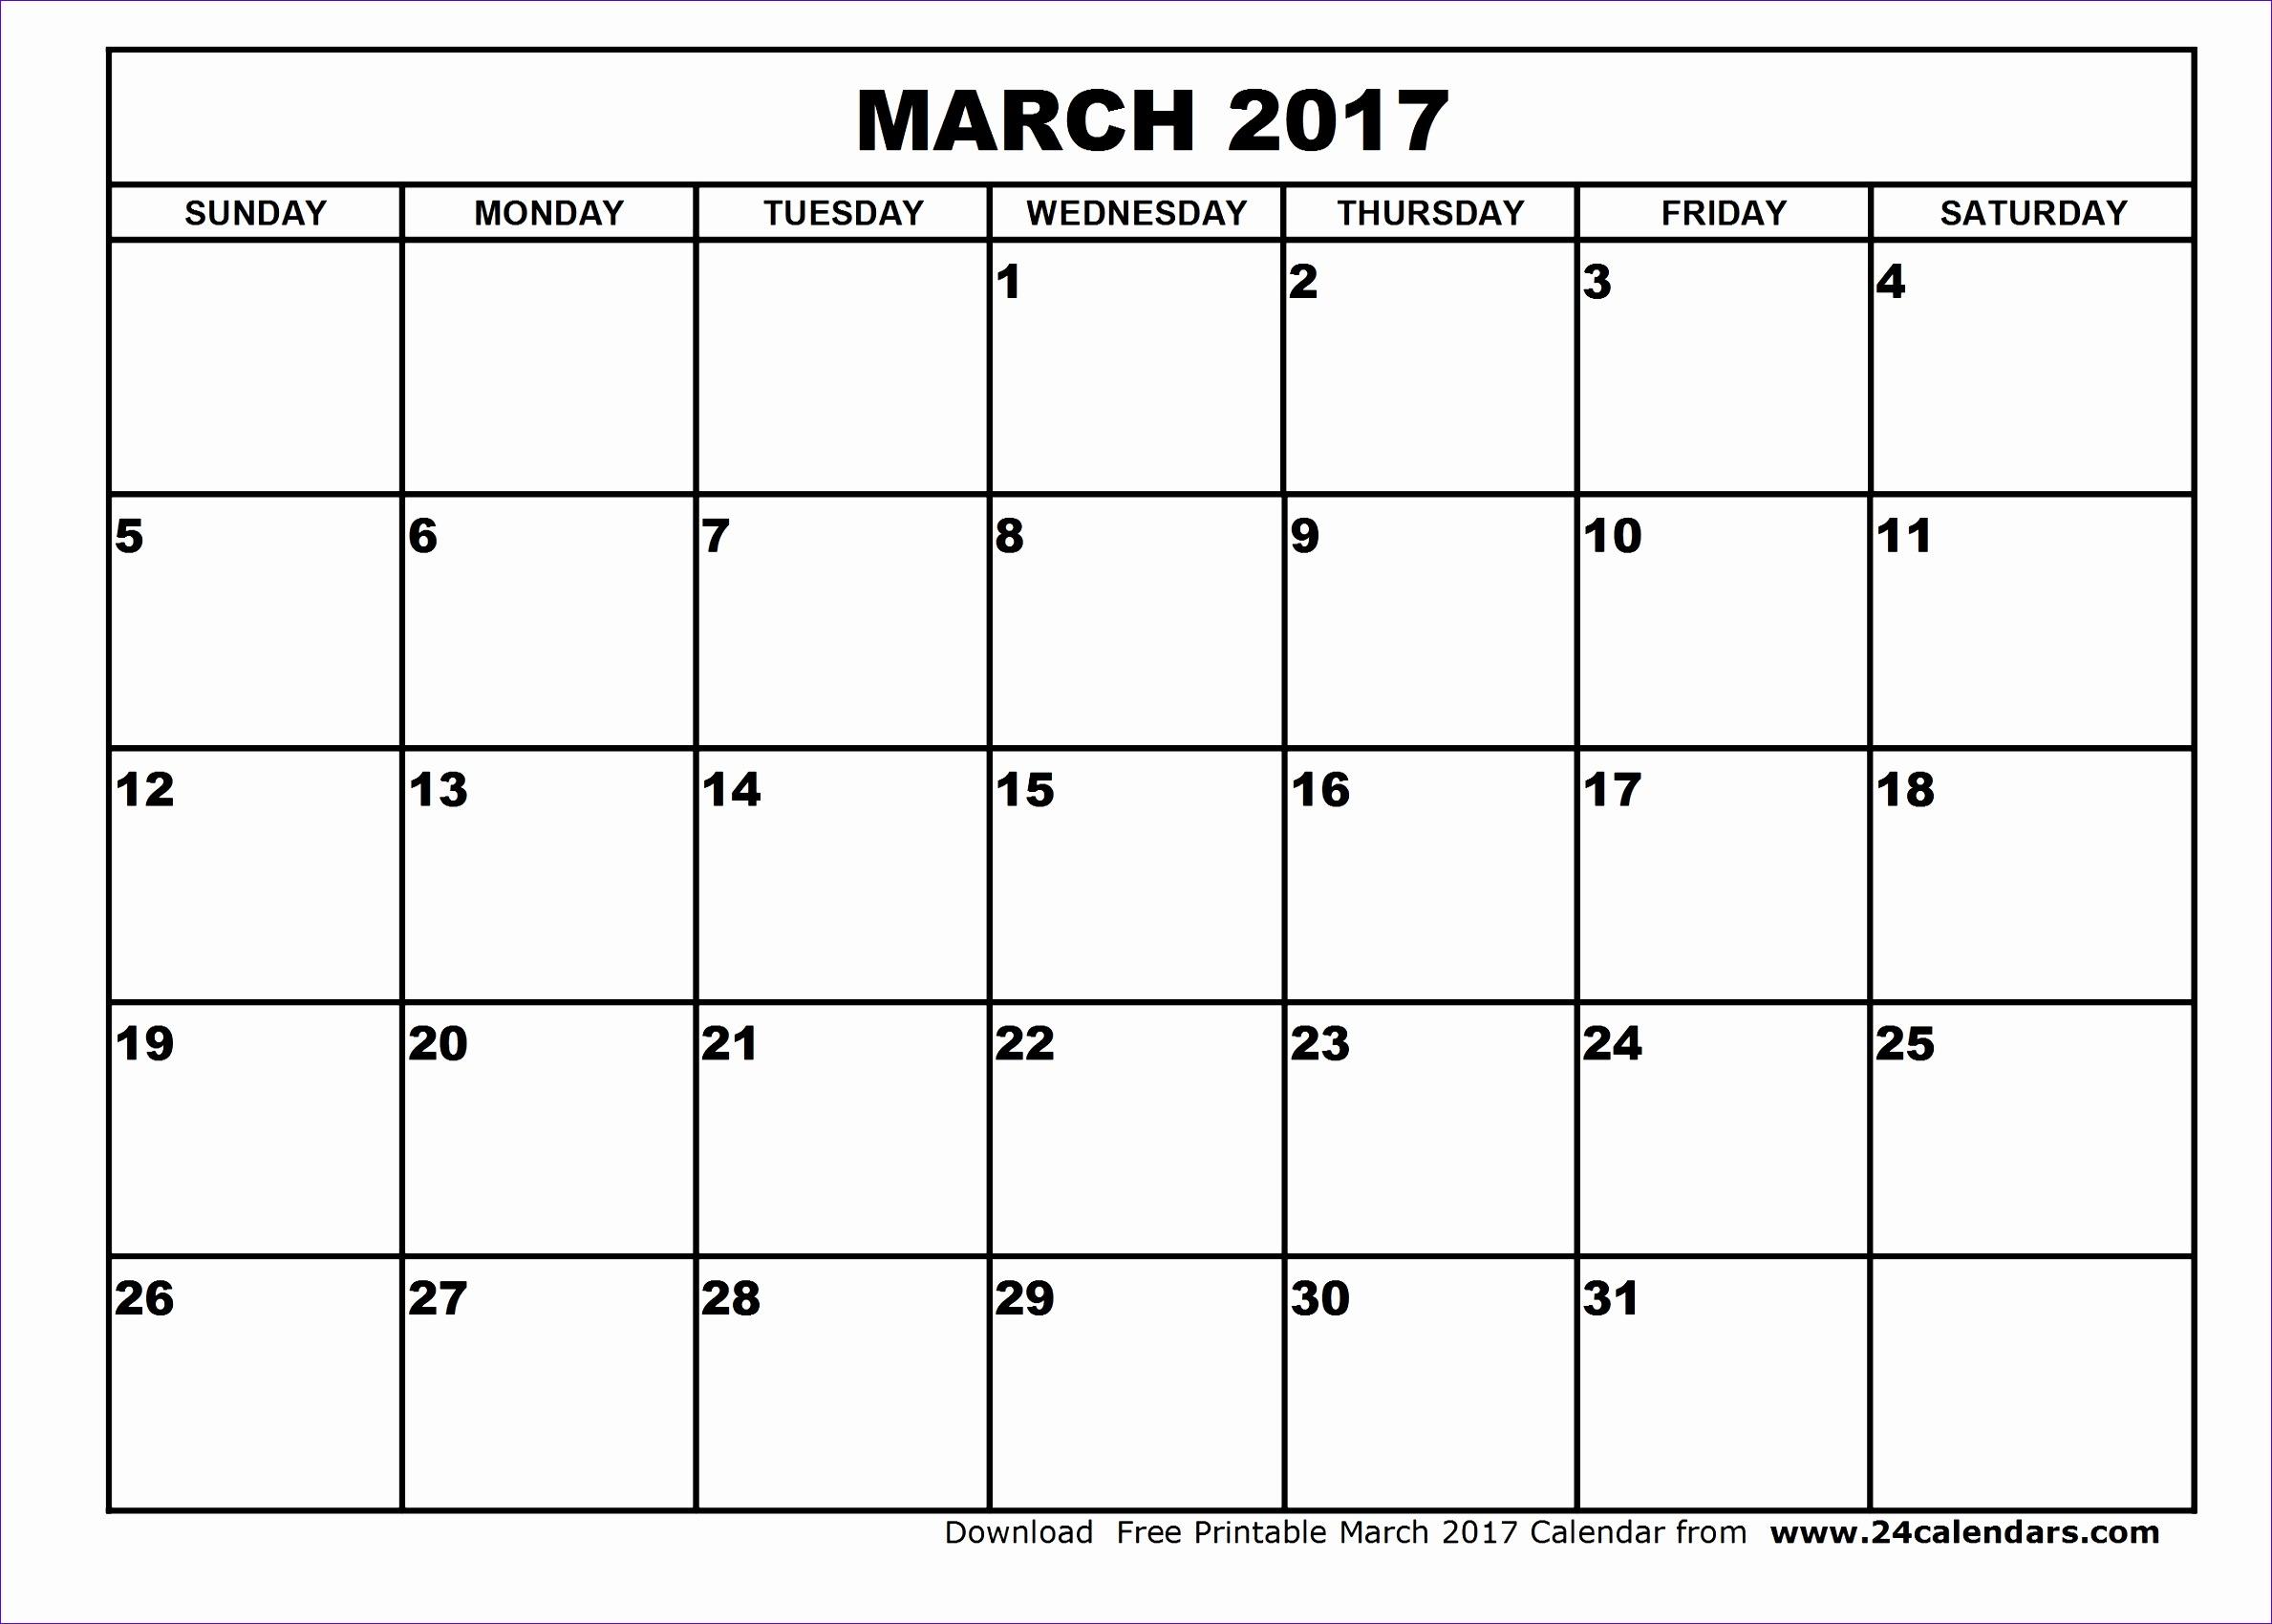 march 2017 calendar template 1256 23781700